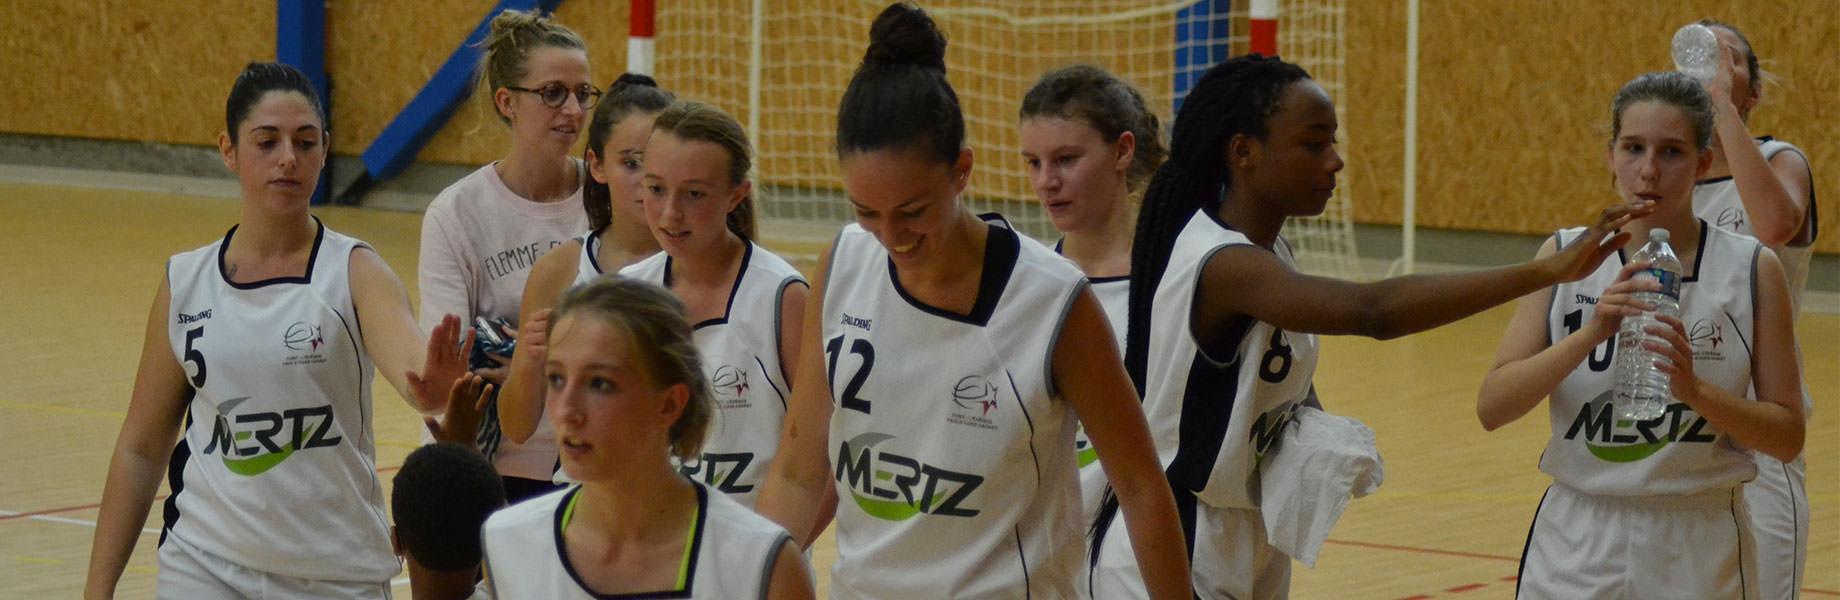 Equipe de basket de Pont-l'Évêque